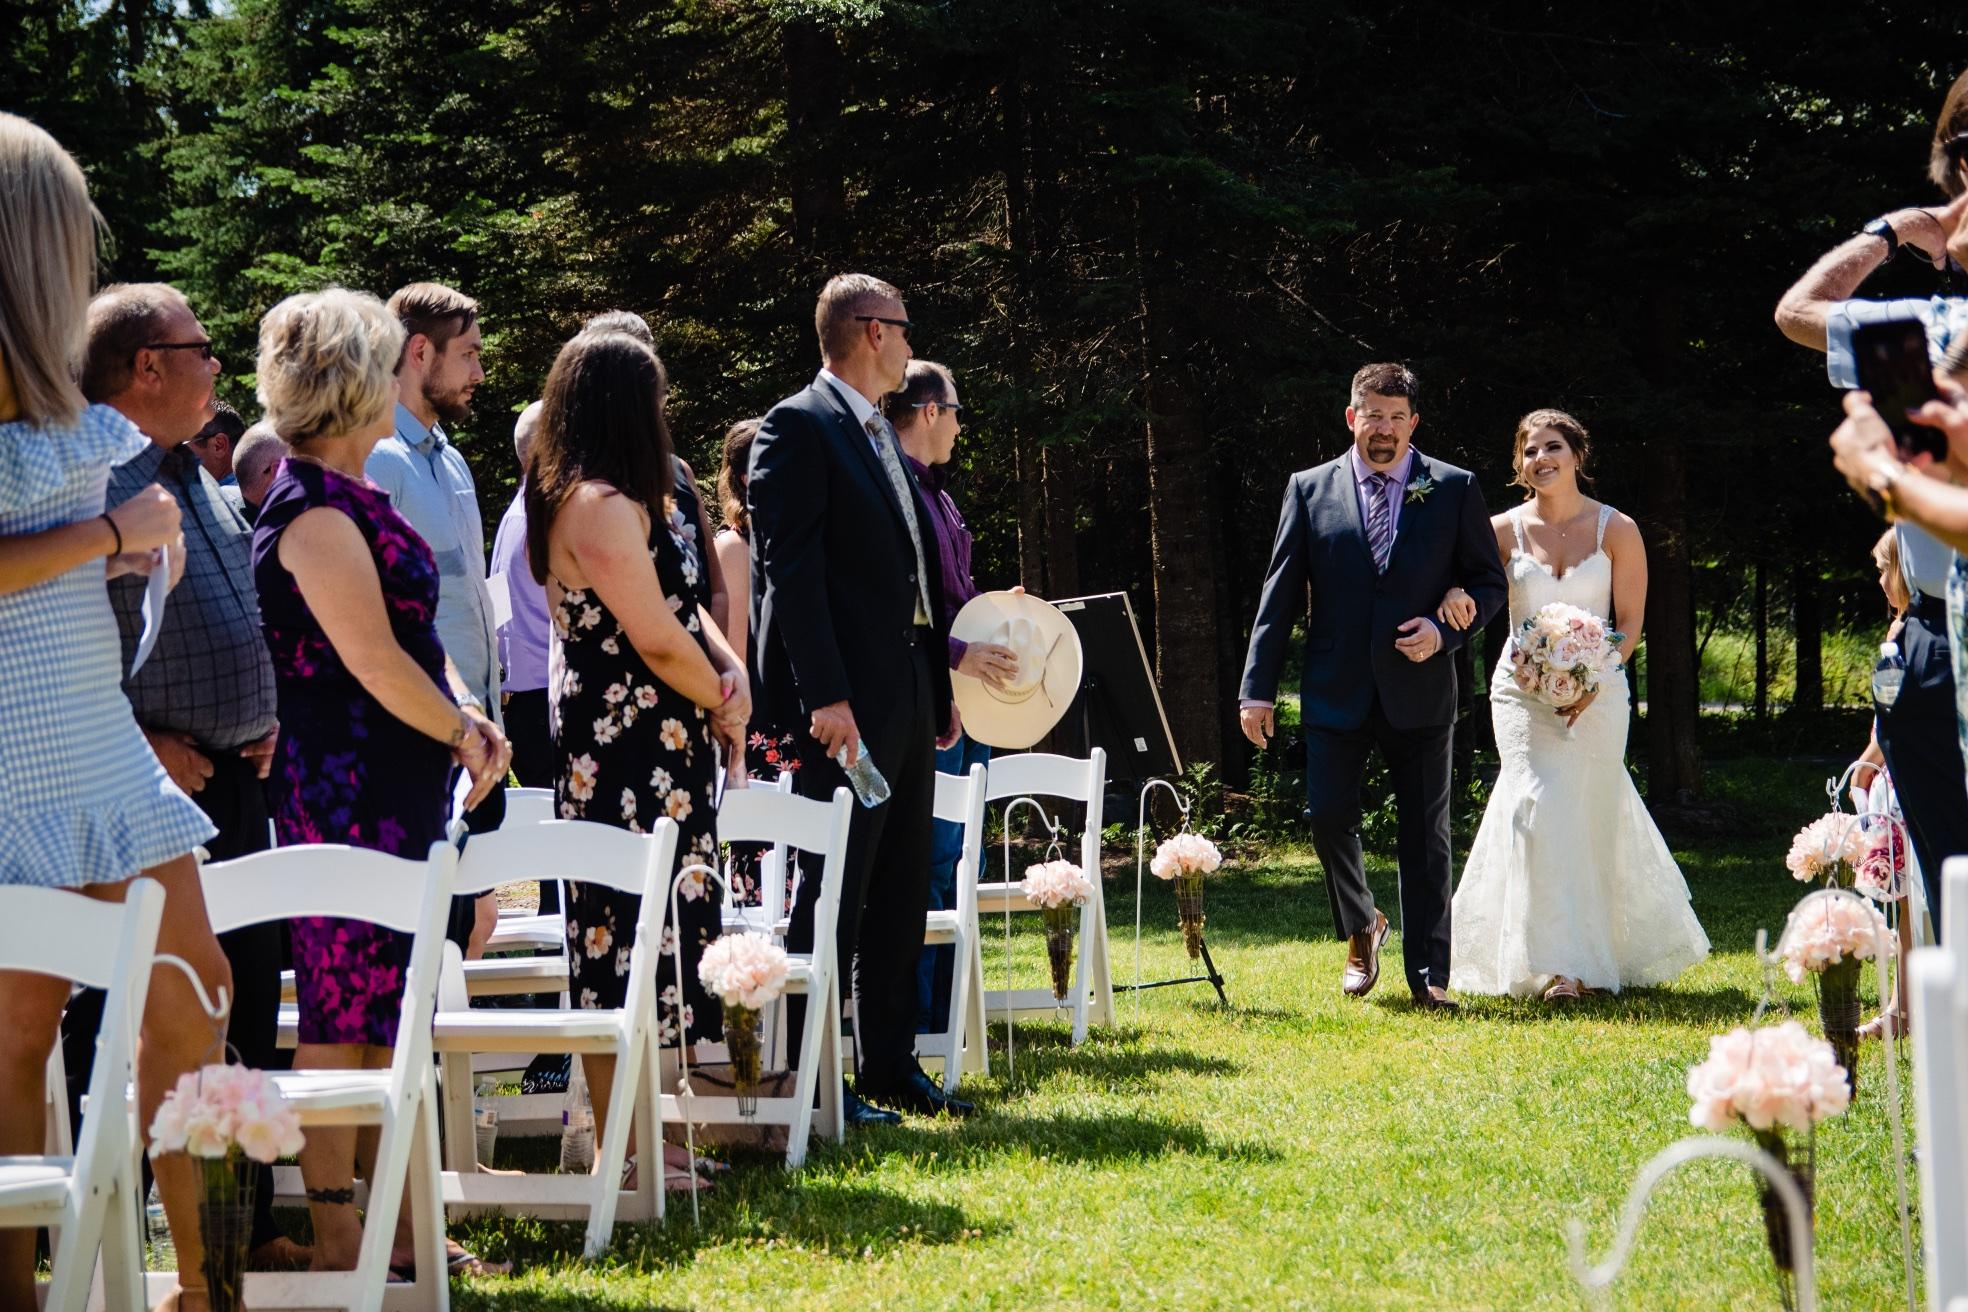 lindseyjanephotography_wedding0019.jpg